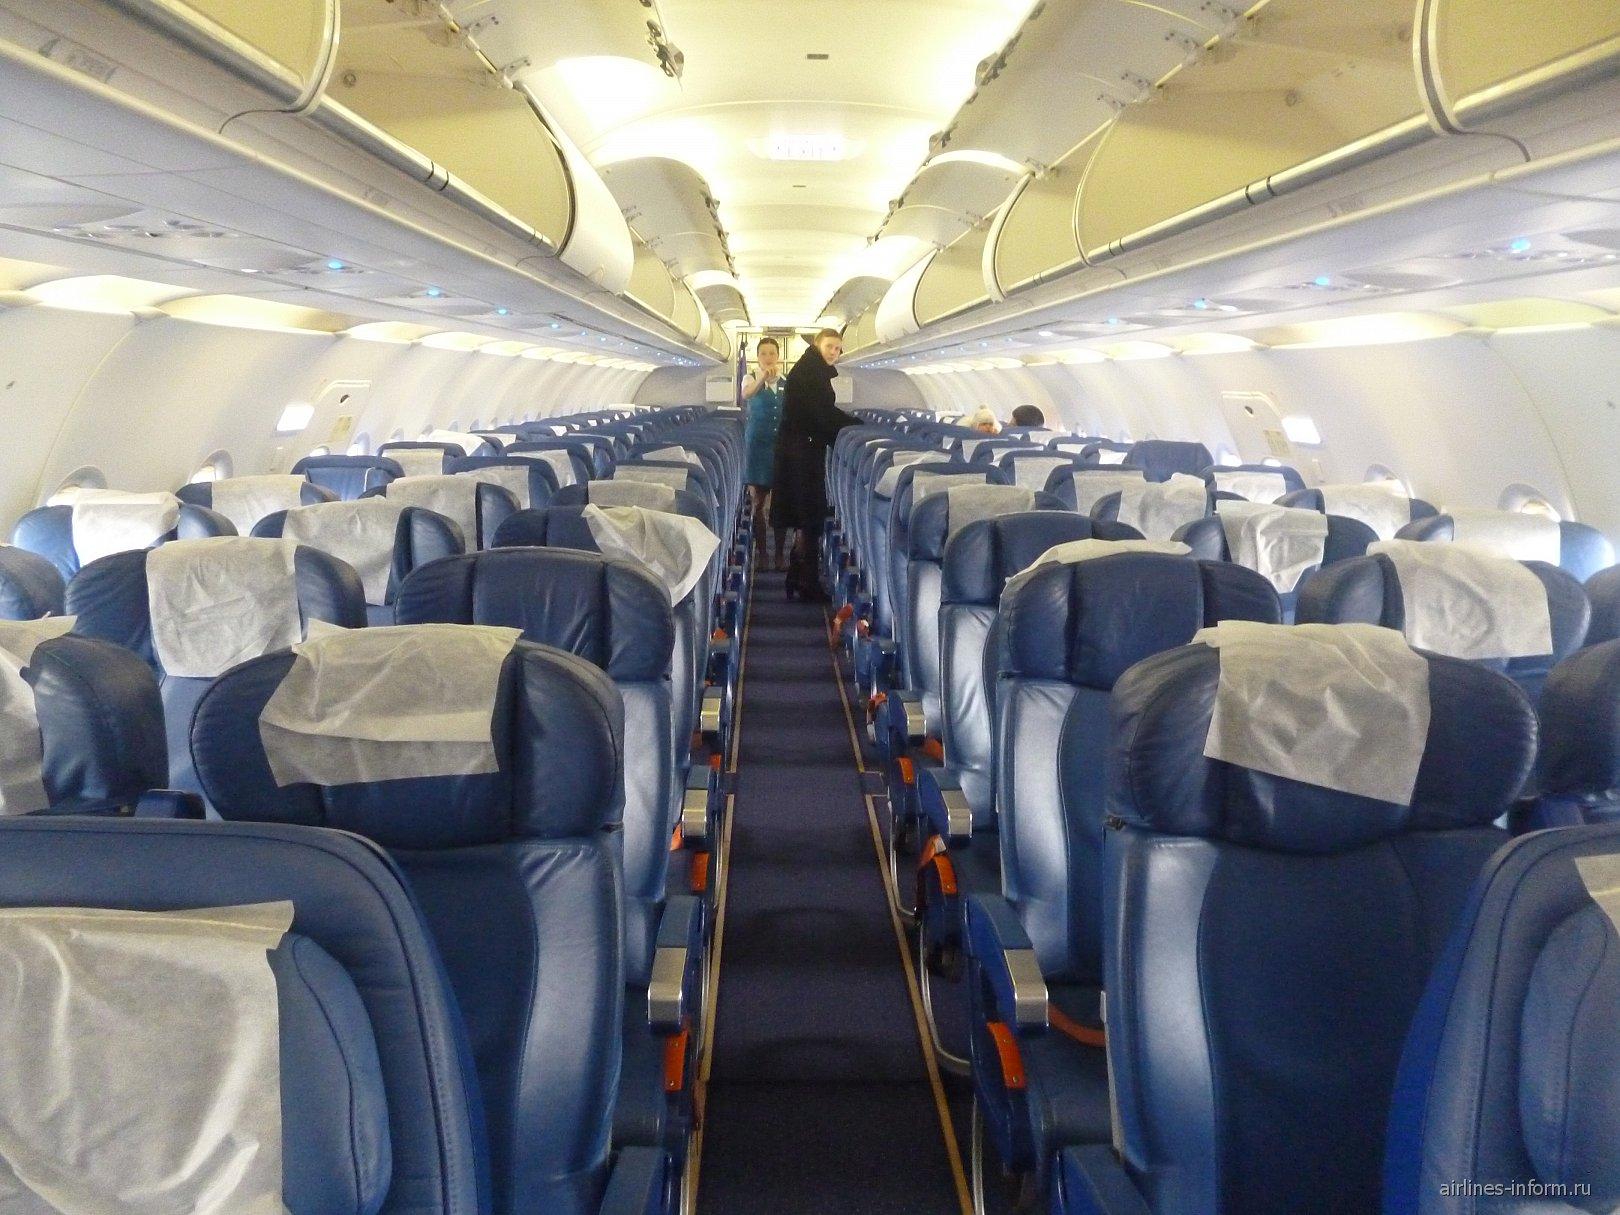 Салон самолета Airbus A319 авиакомпании Аврора